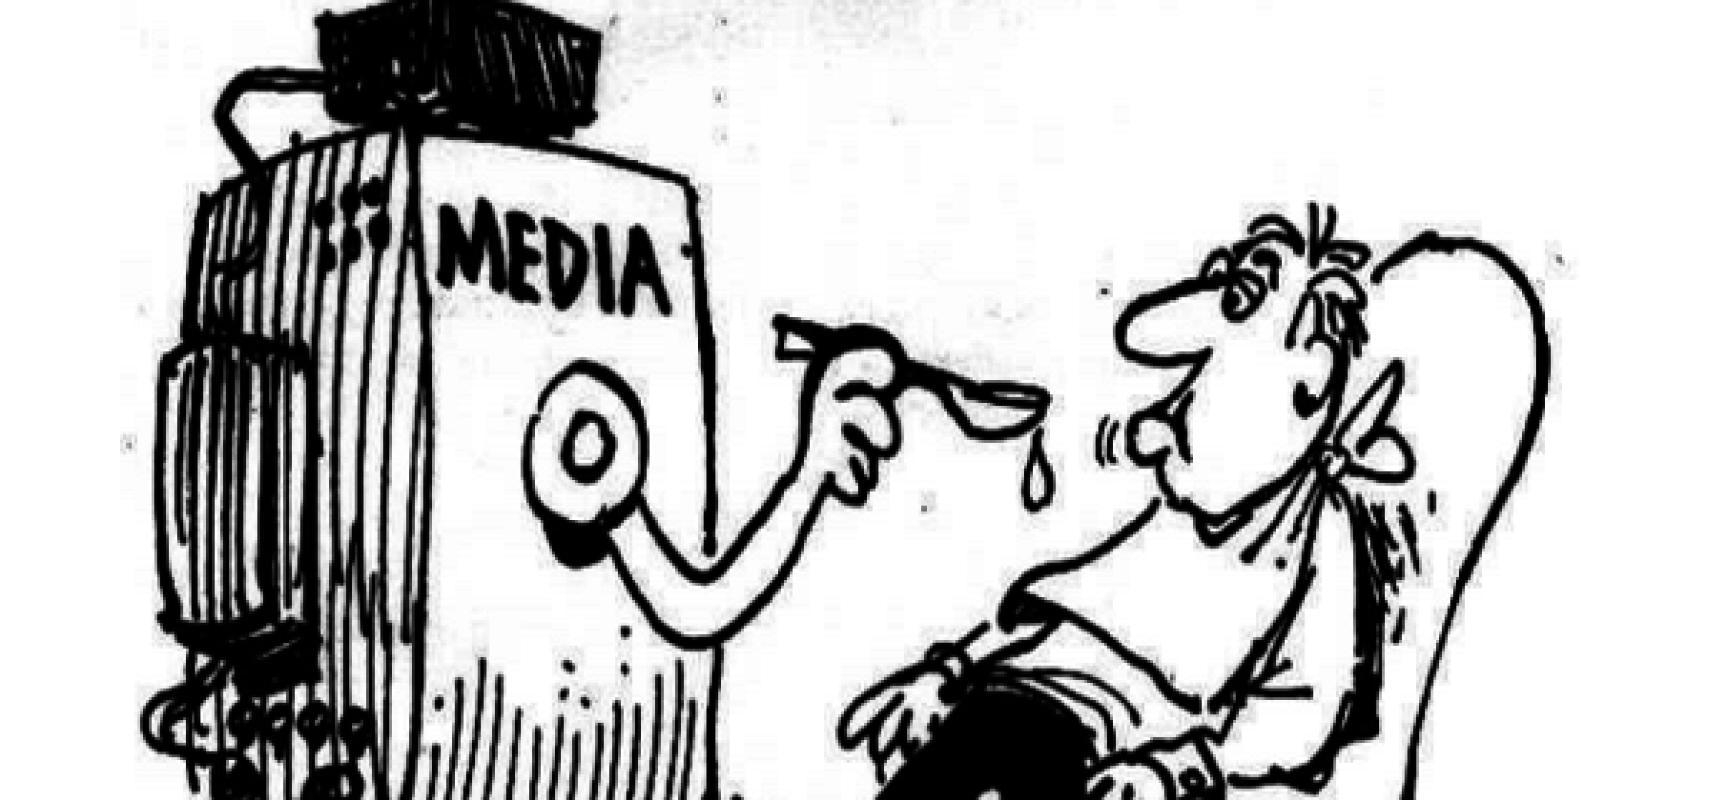 De notre abrutissement par les chaînes info